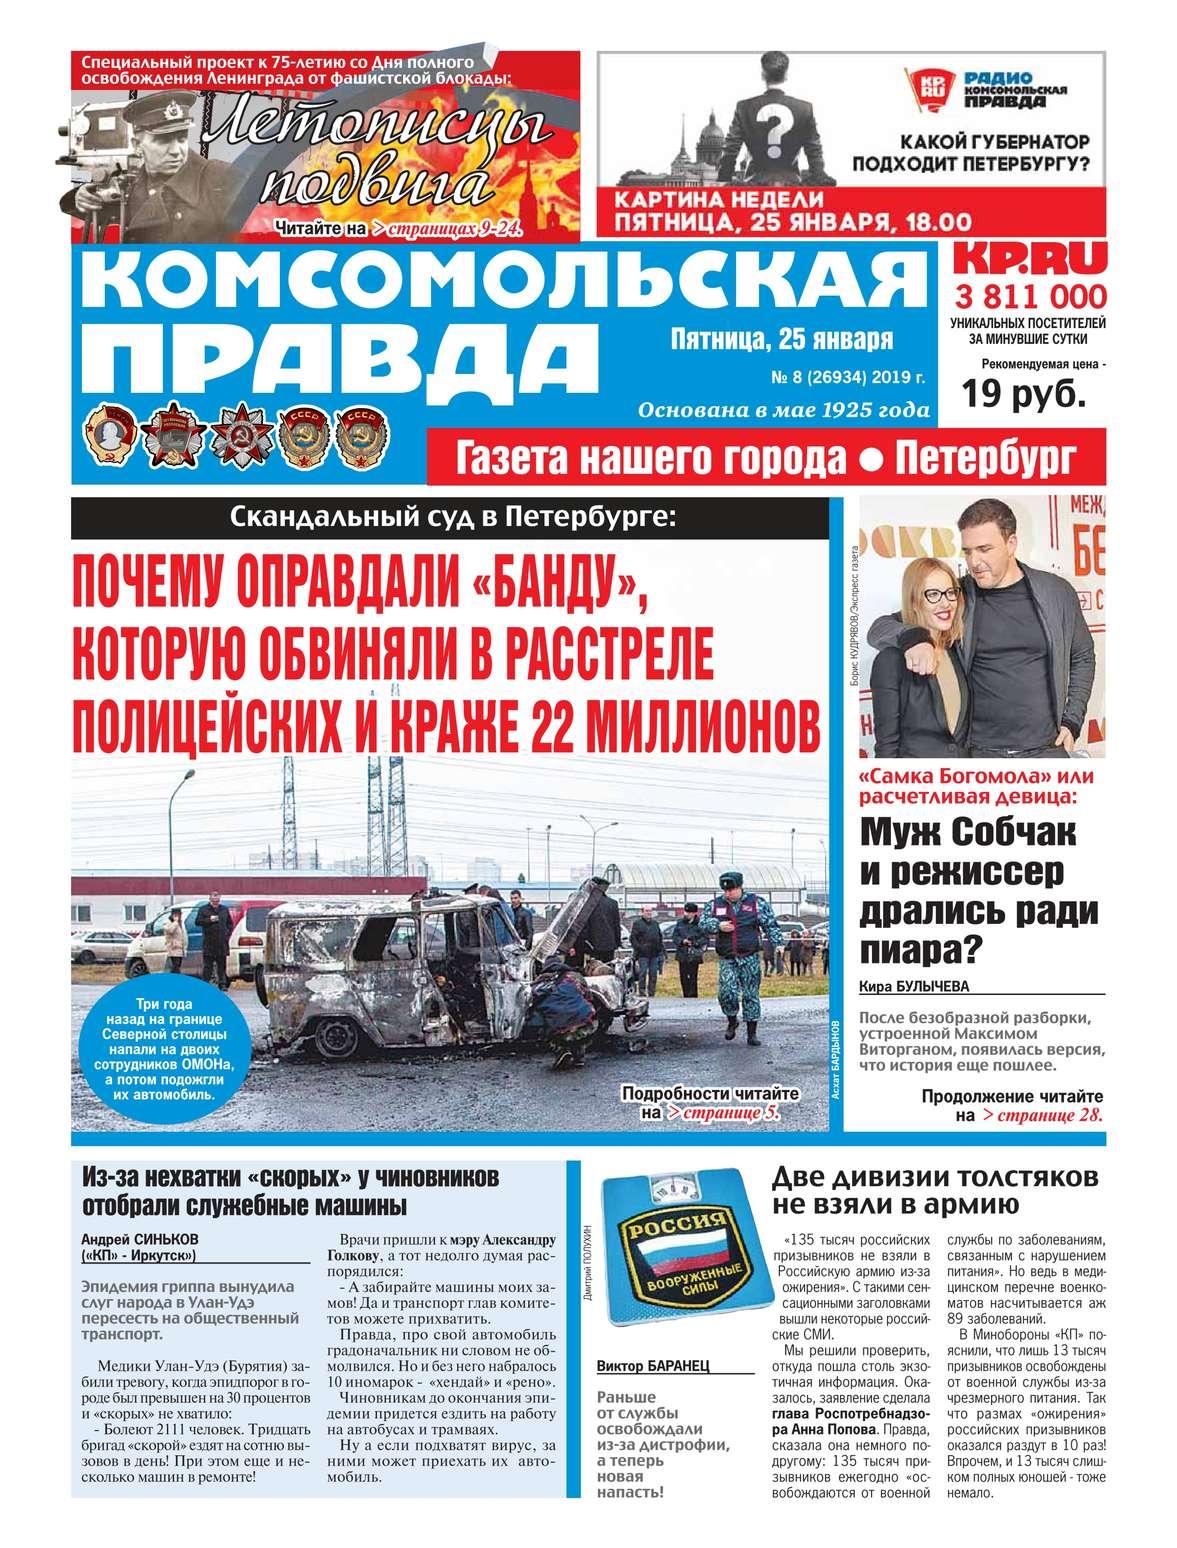 Комсомольская Правда. Санкт-Петербург 08-2019